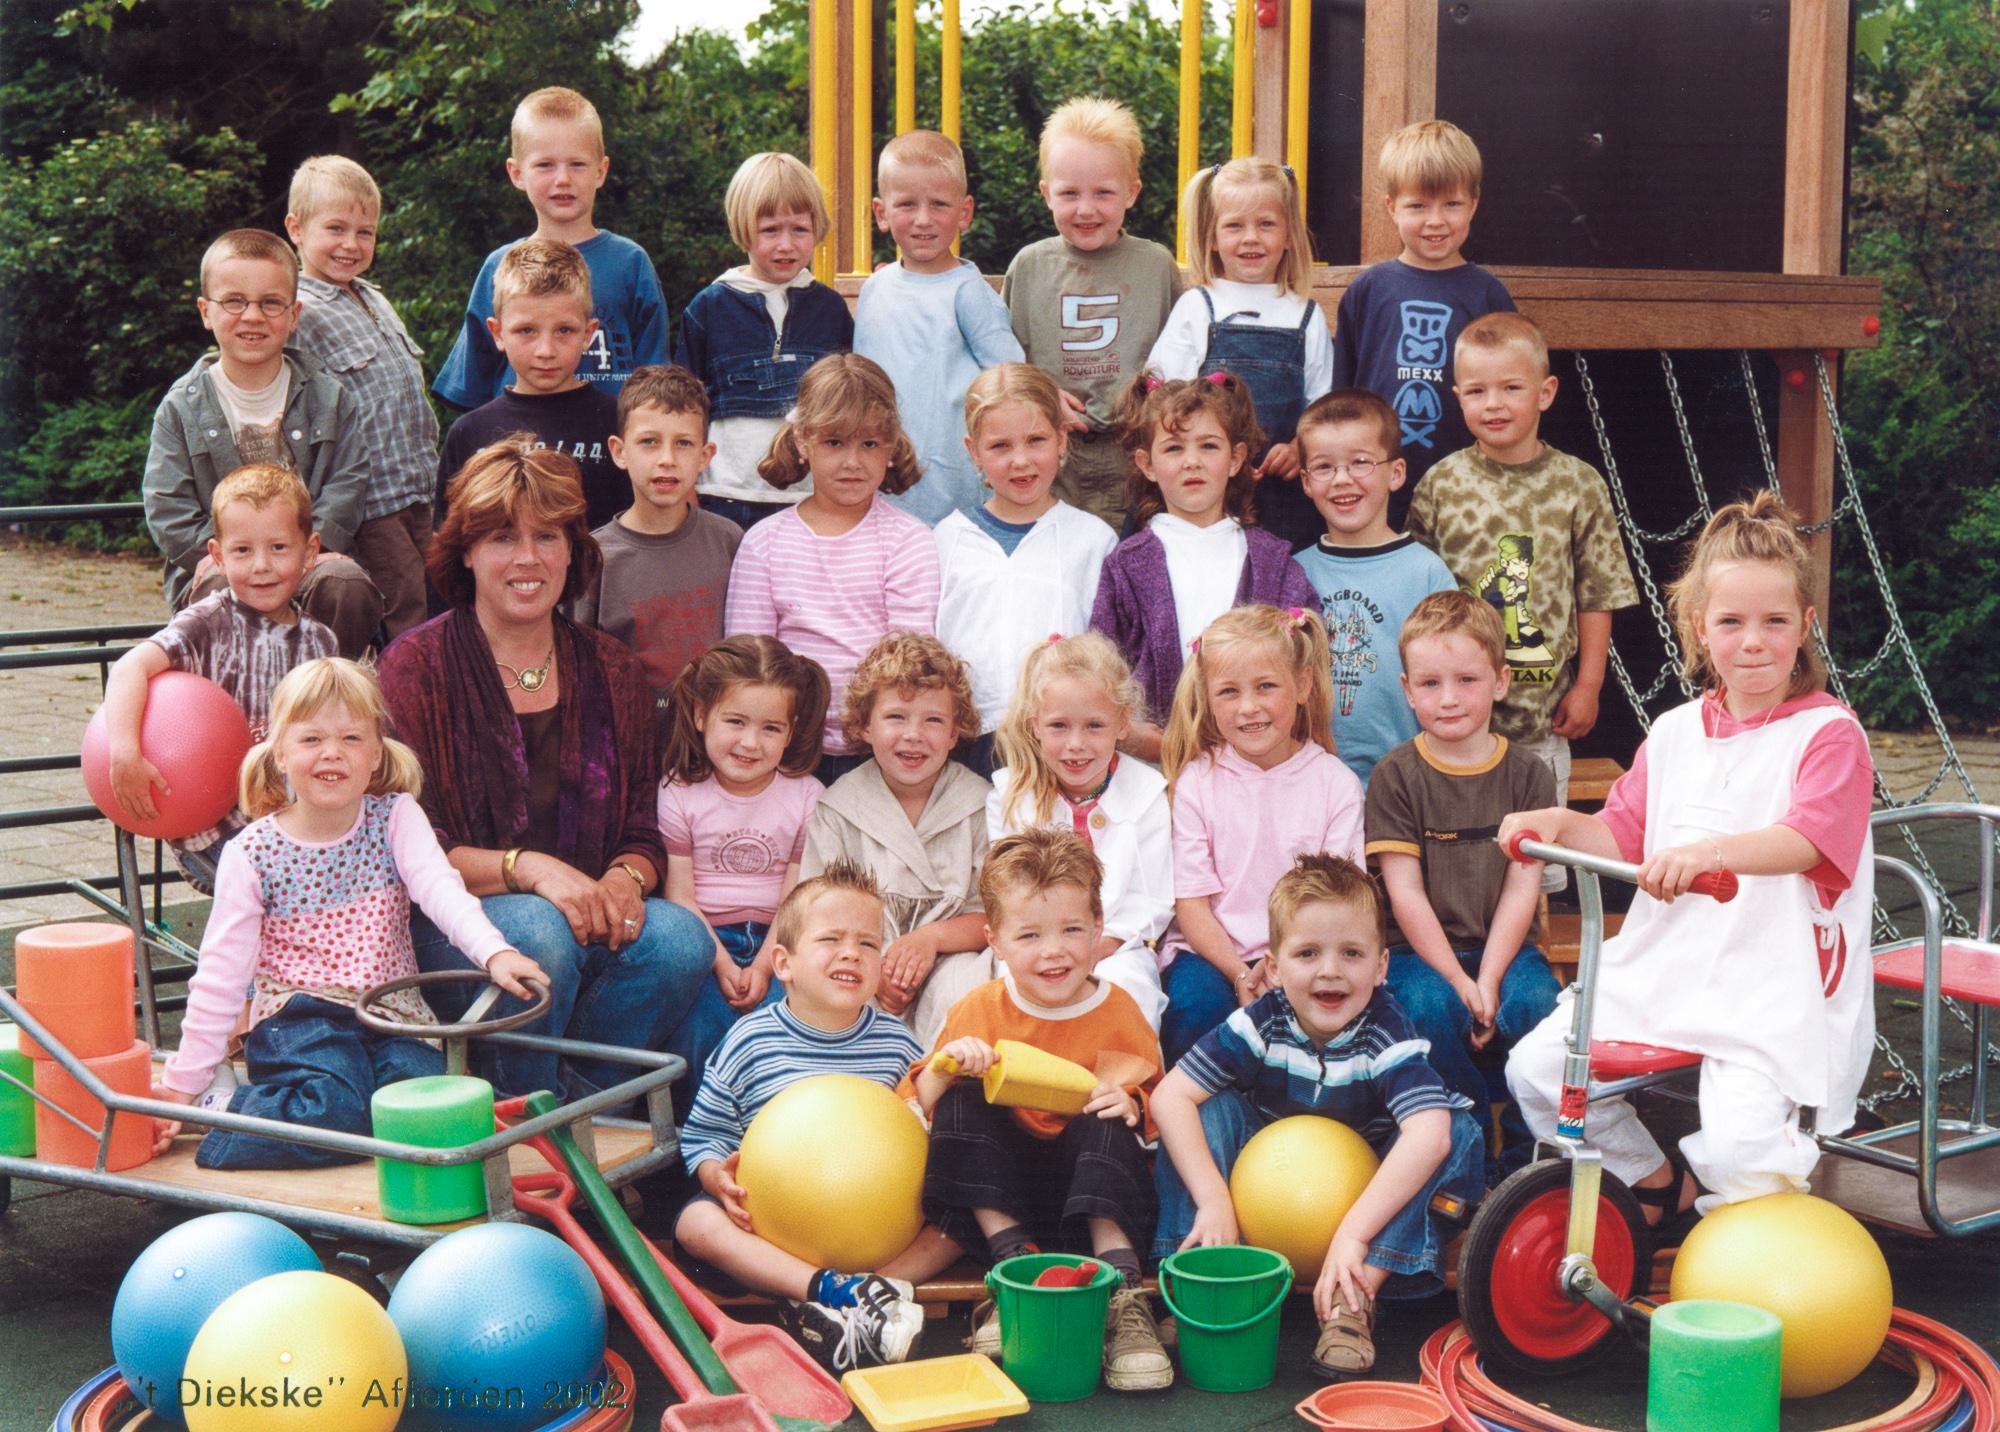 Klassefoto groep 1 Diekske 2002